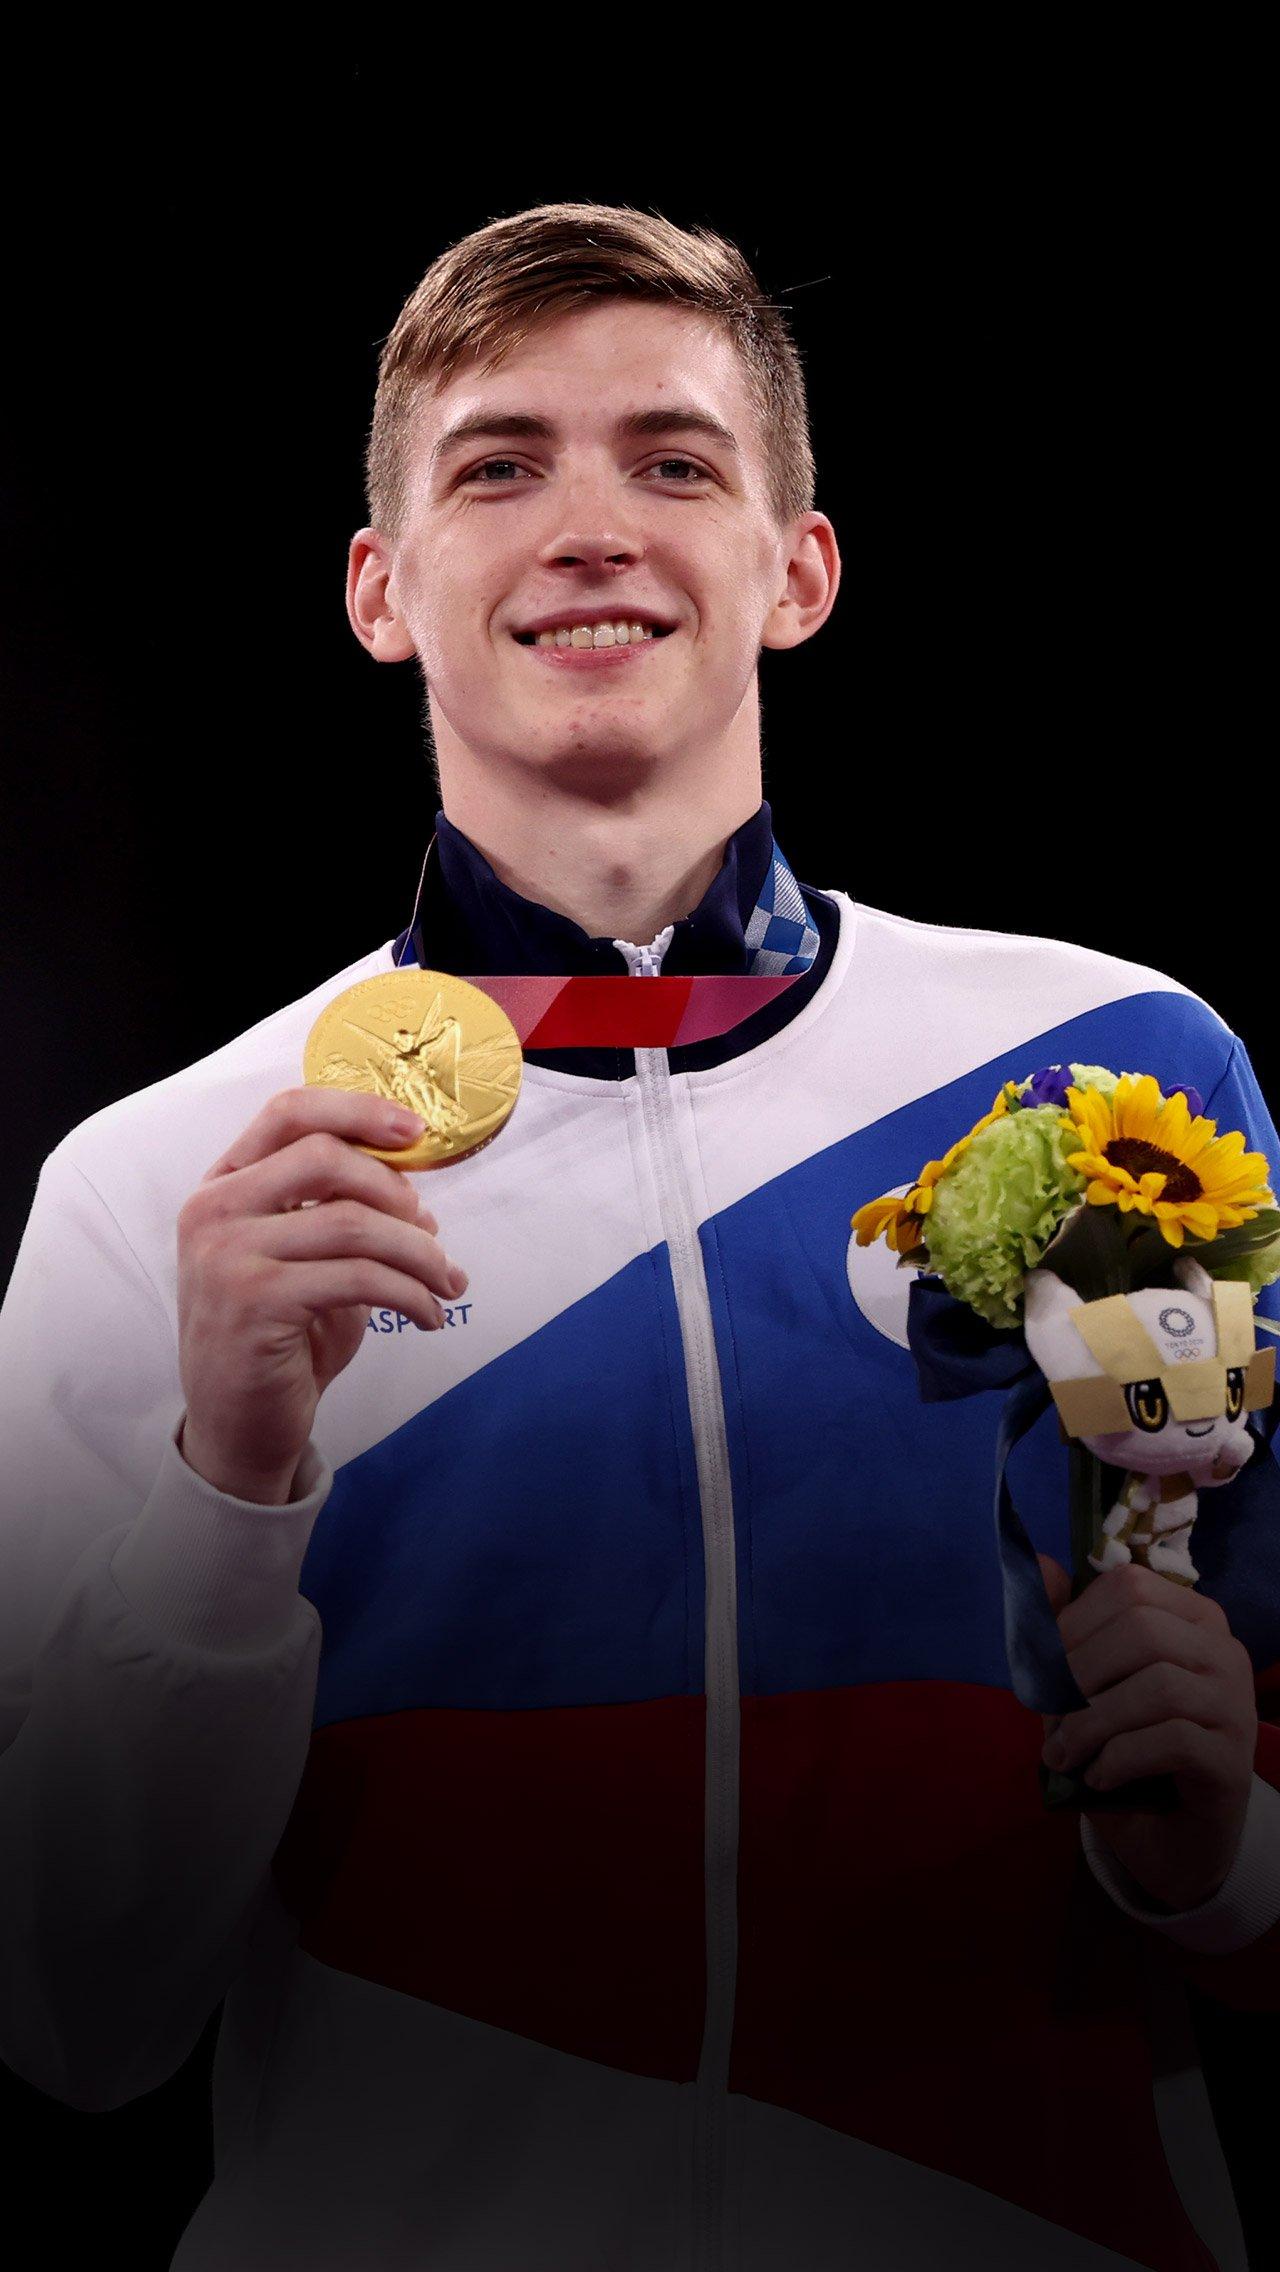 Сколько заработали российские спортсмены за неделю Олимпиады?